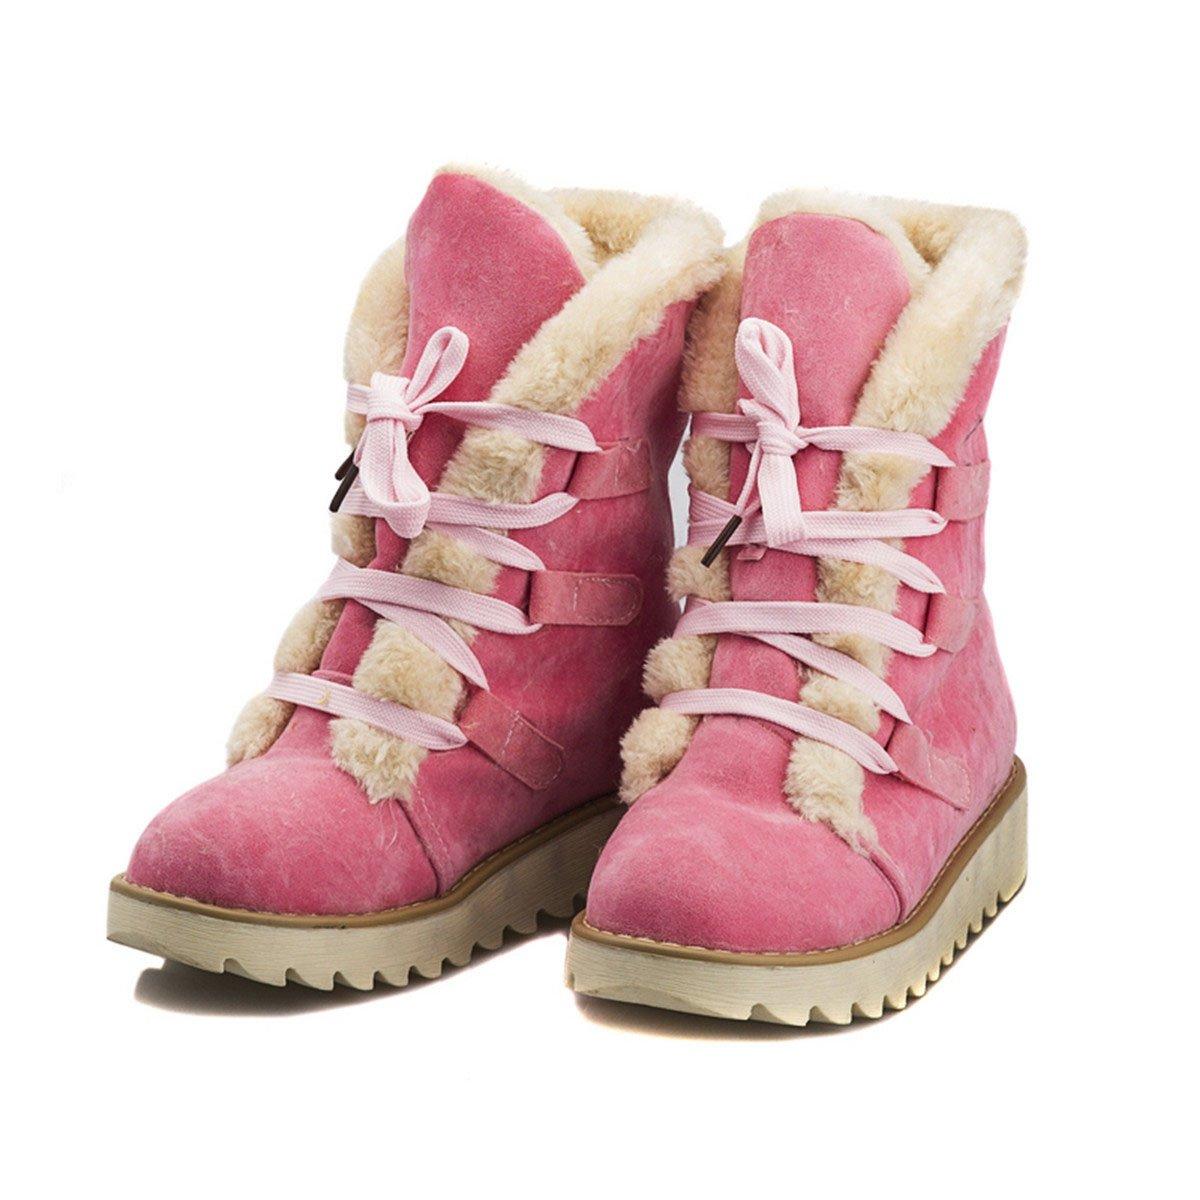 Homiki Damenstiefel Round Toe Flach HalbschaftStiefeletten Schlupfstiefel Plateauschuhe Wolle Schnürsenkel Pink 39 91b74P